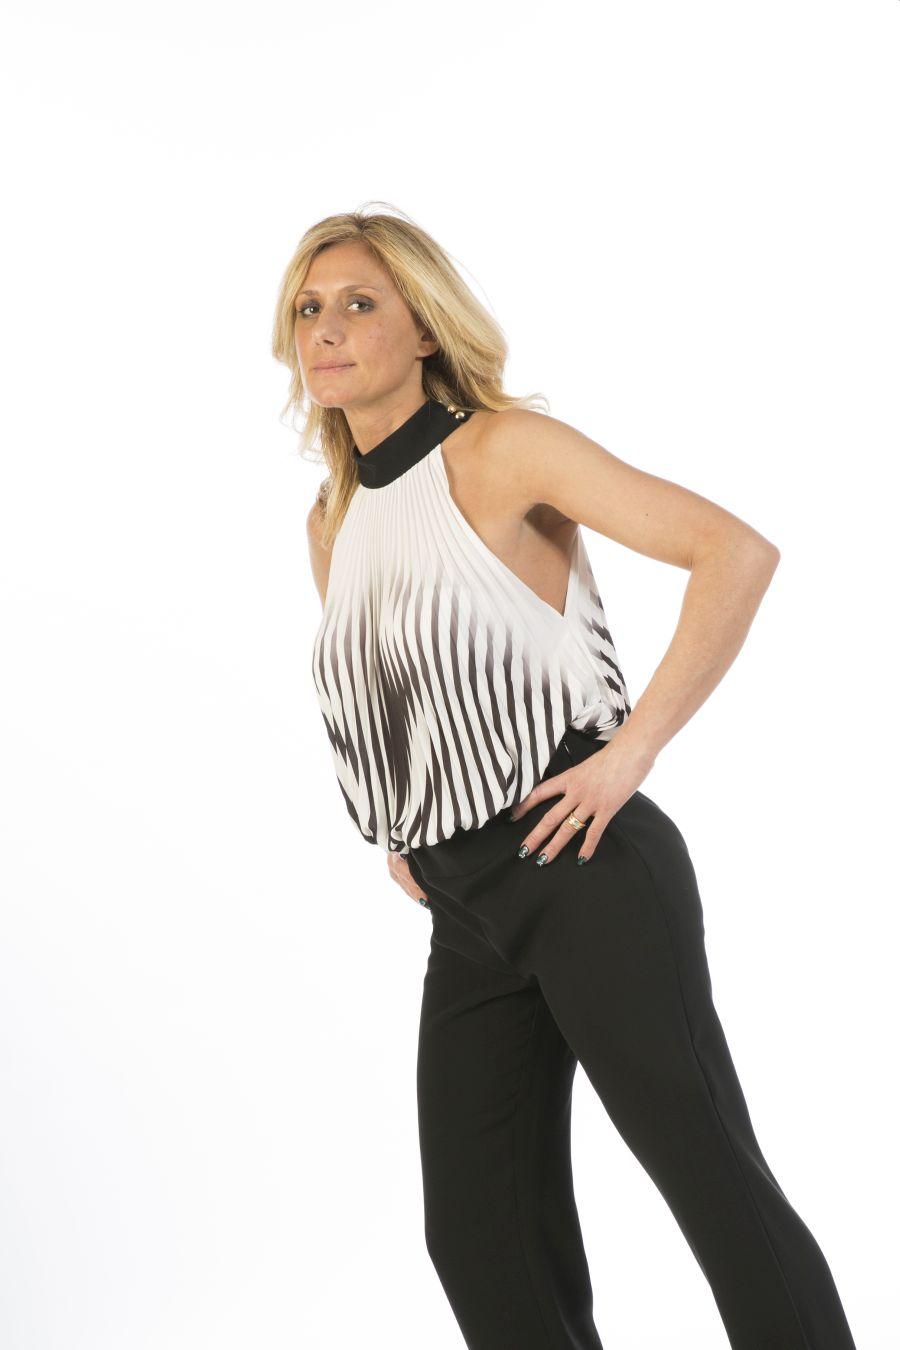 abbigliamento Donna Moderno Sport Cunardo 47